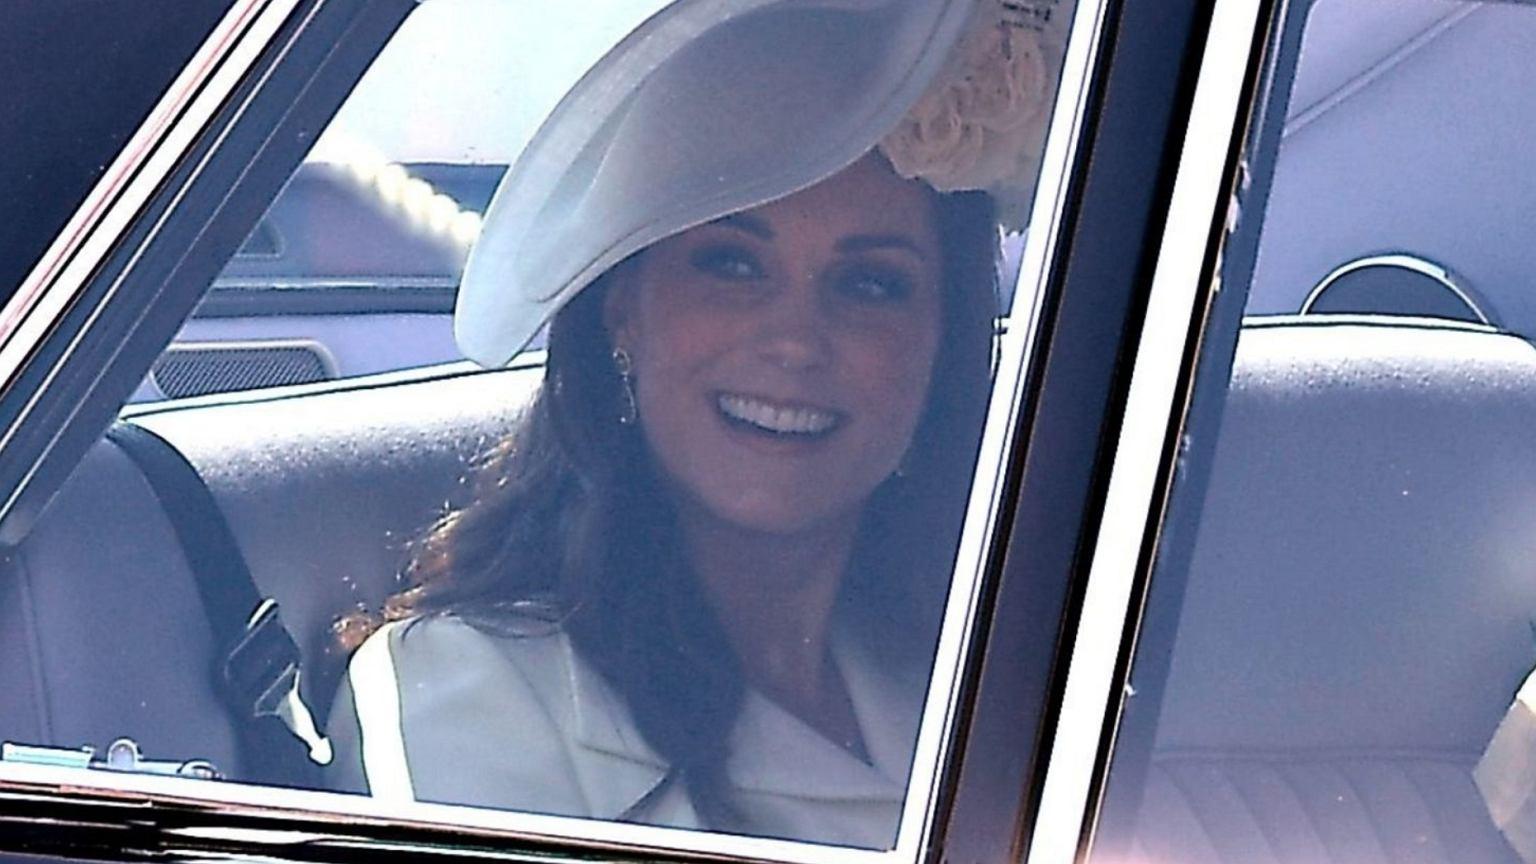 Księżna Kate dołączyła do gości. Jej kreacja jest dużym zaskoczeniem. Takiego stroju się nie spodziewaliśmy